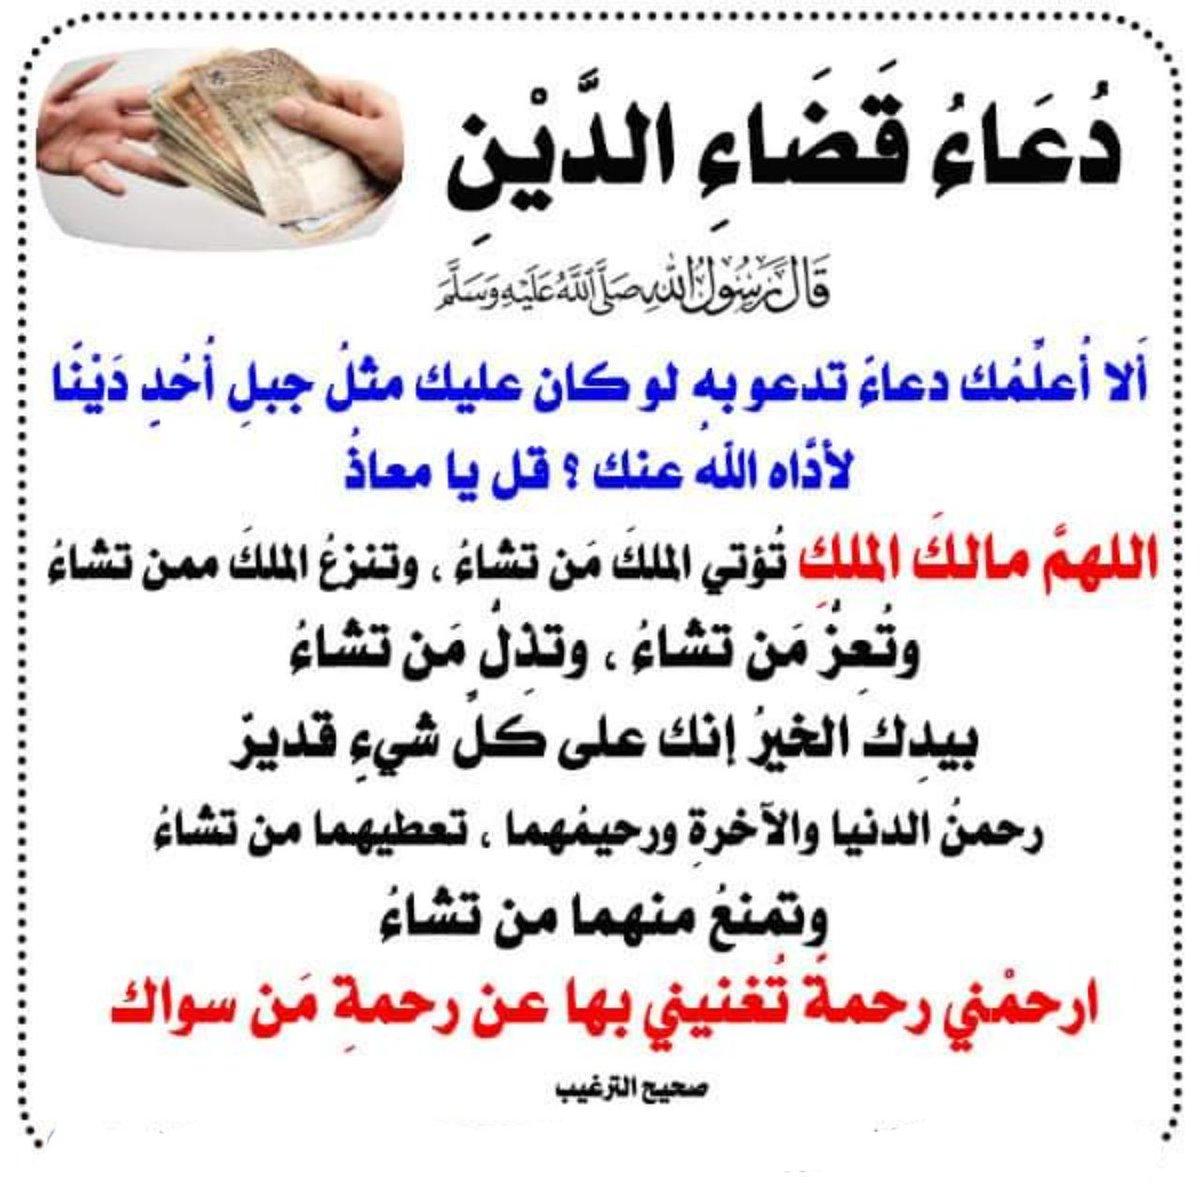 Hanan On Twitter العنود العيسى يامن تكاثرت عليه الديون